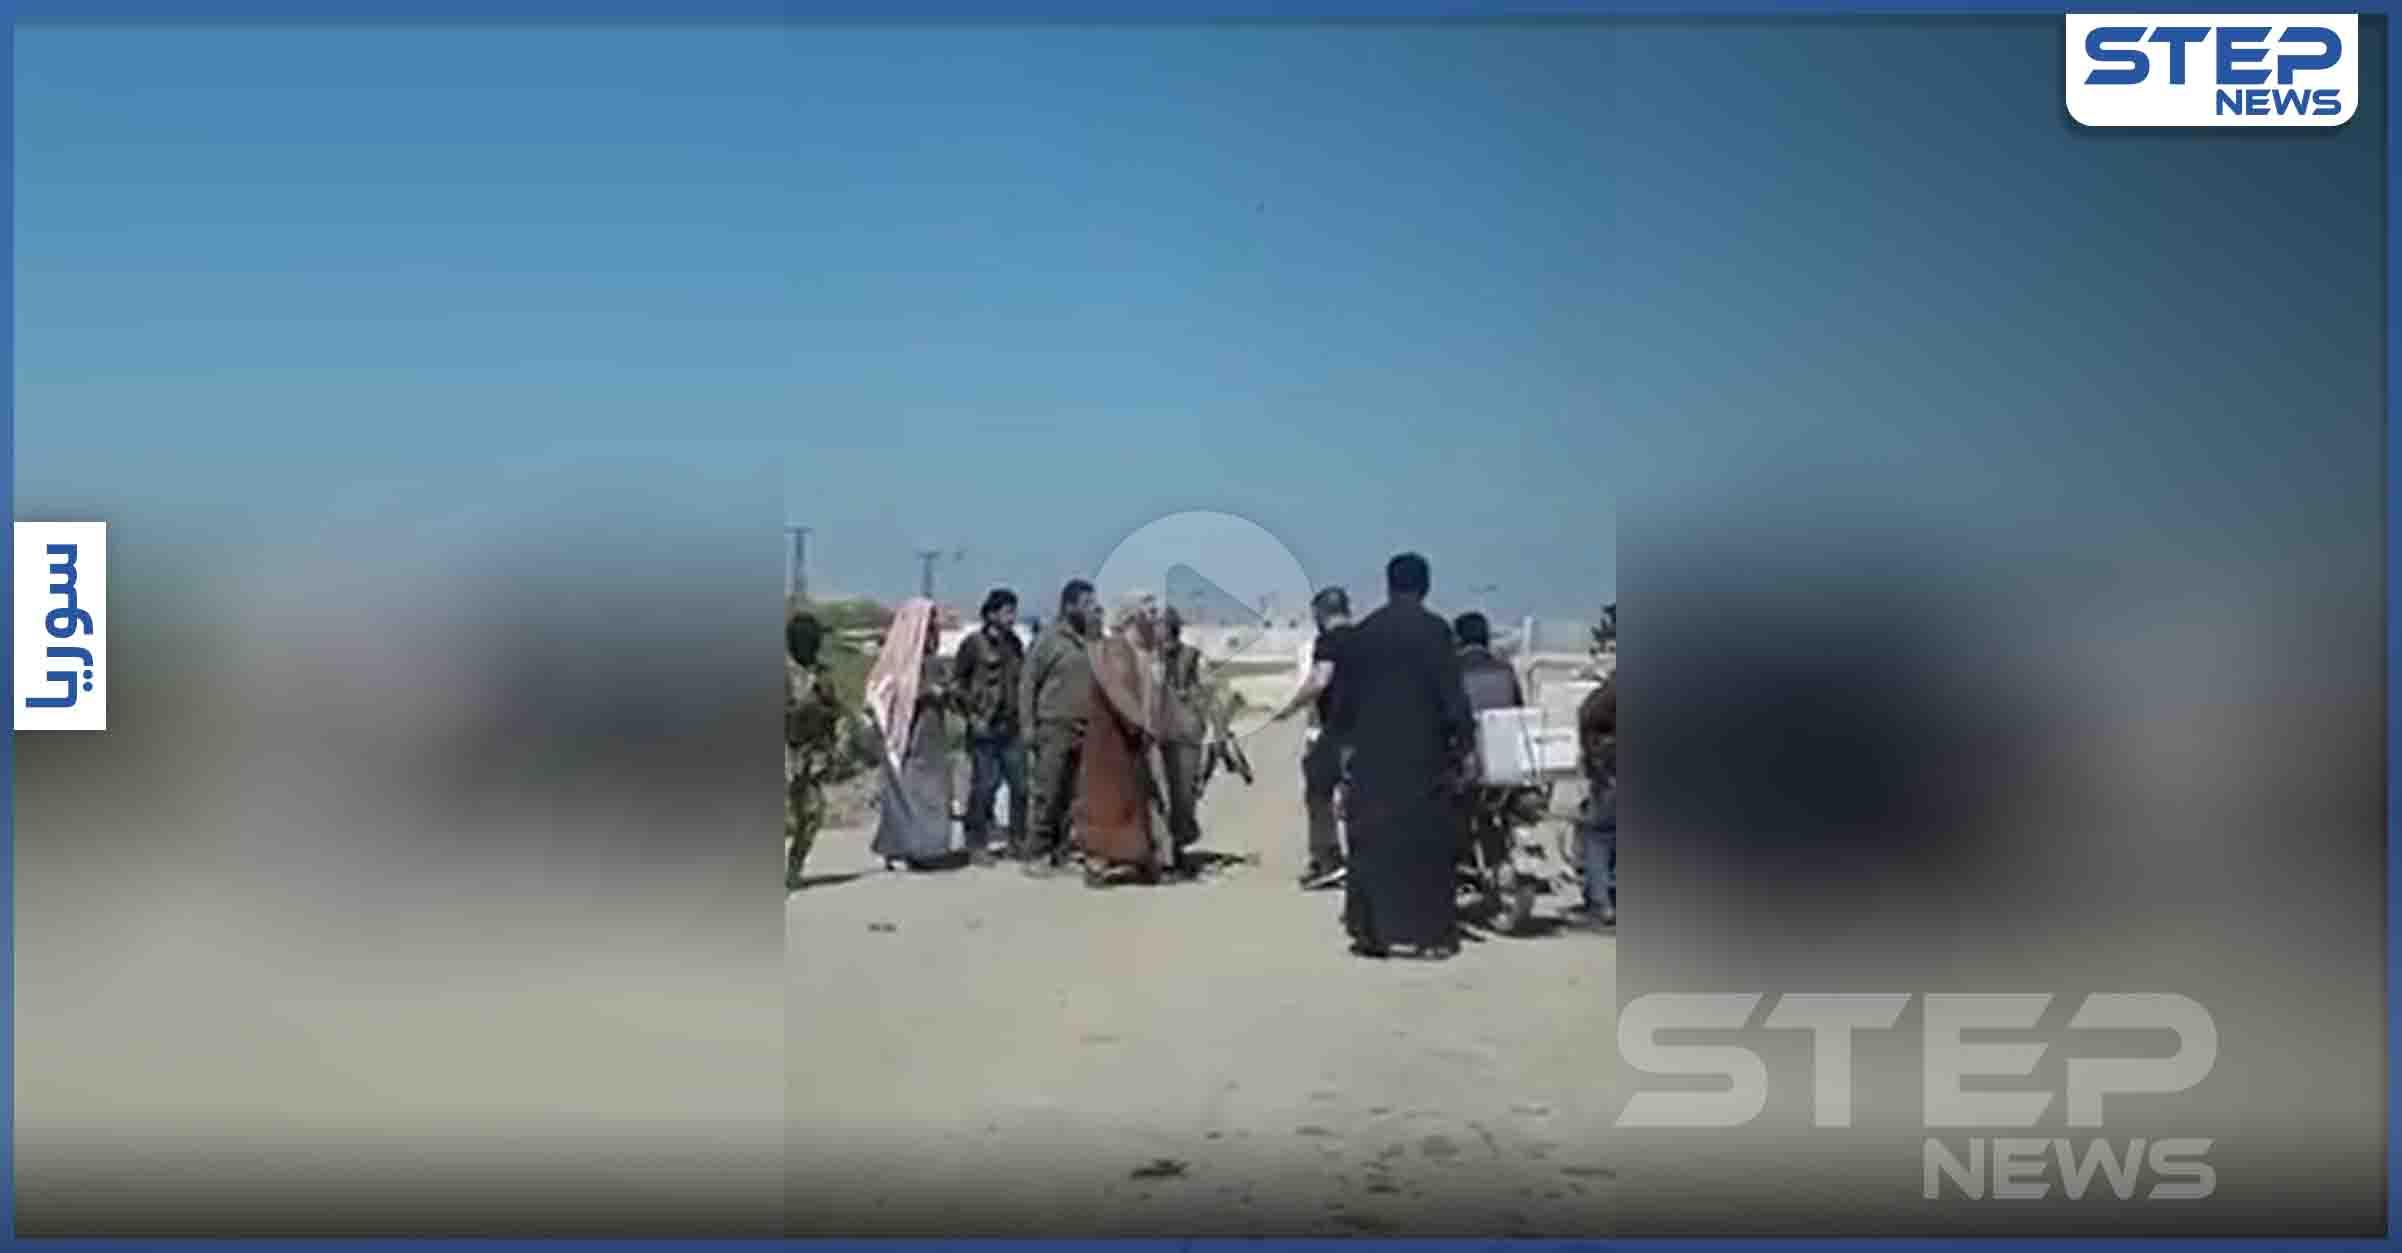 بالفيديو   ضابط من الجيش التركي يعتدي على مدني سوري شمال الرقة